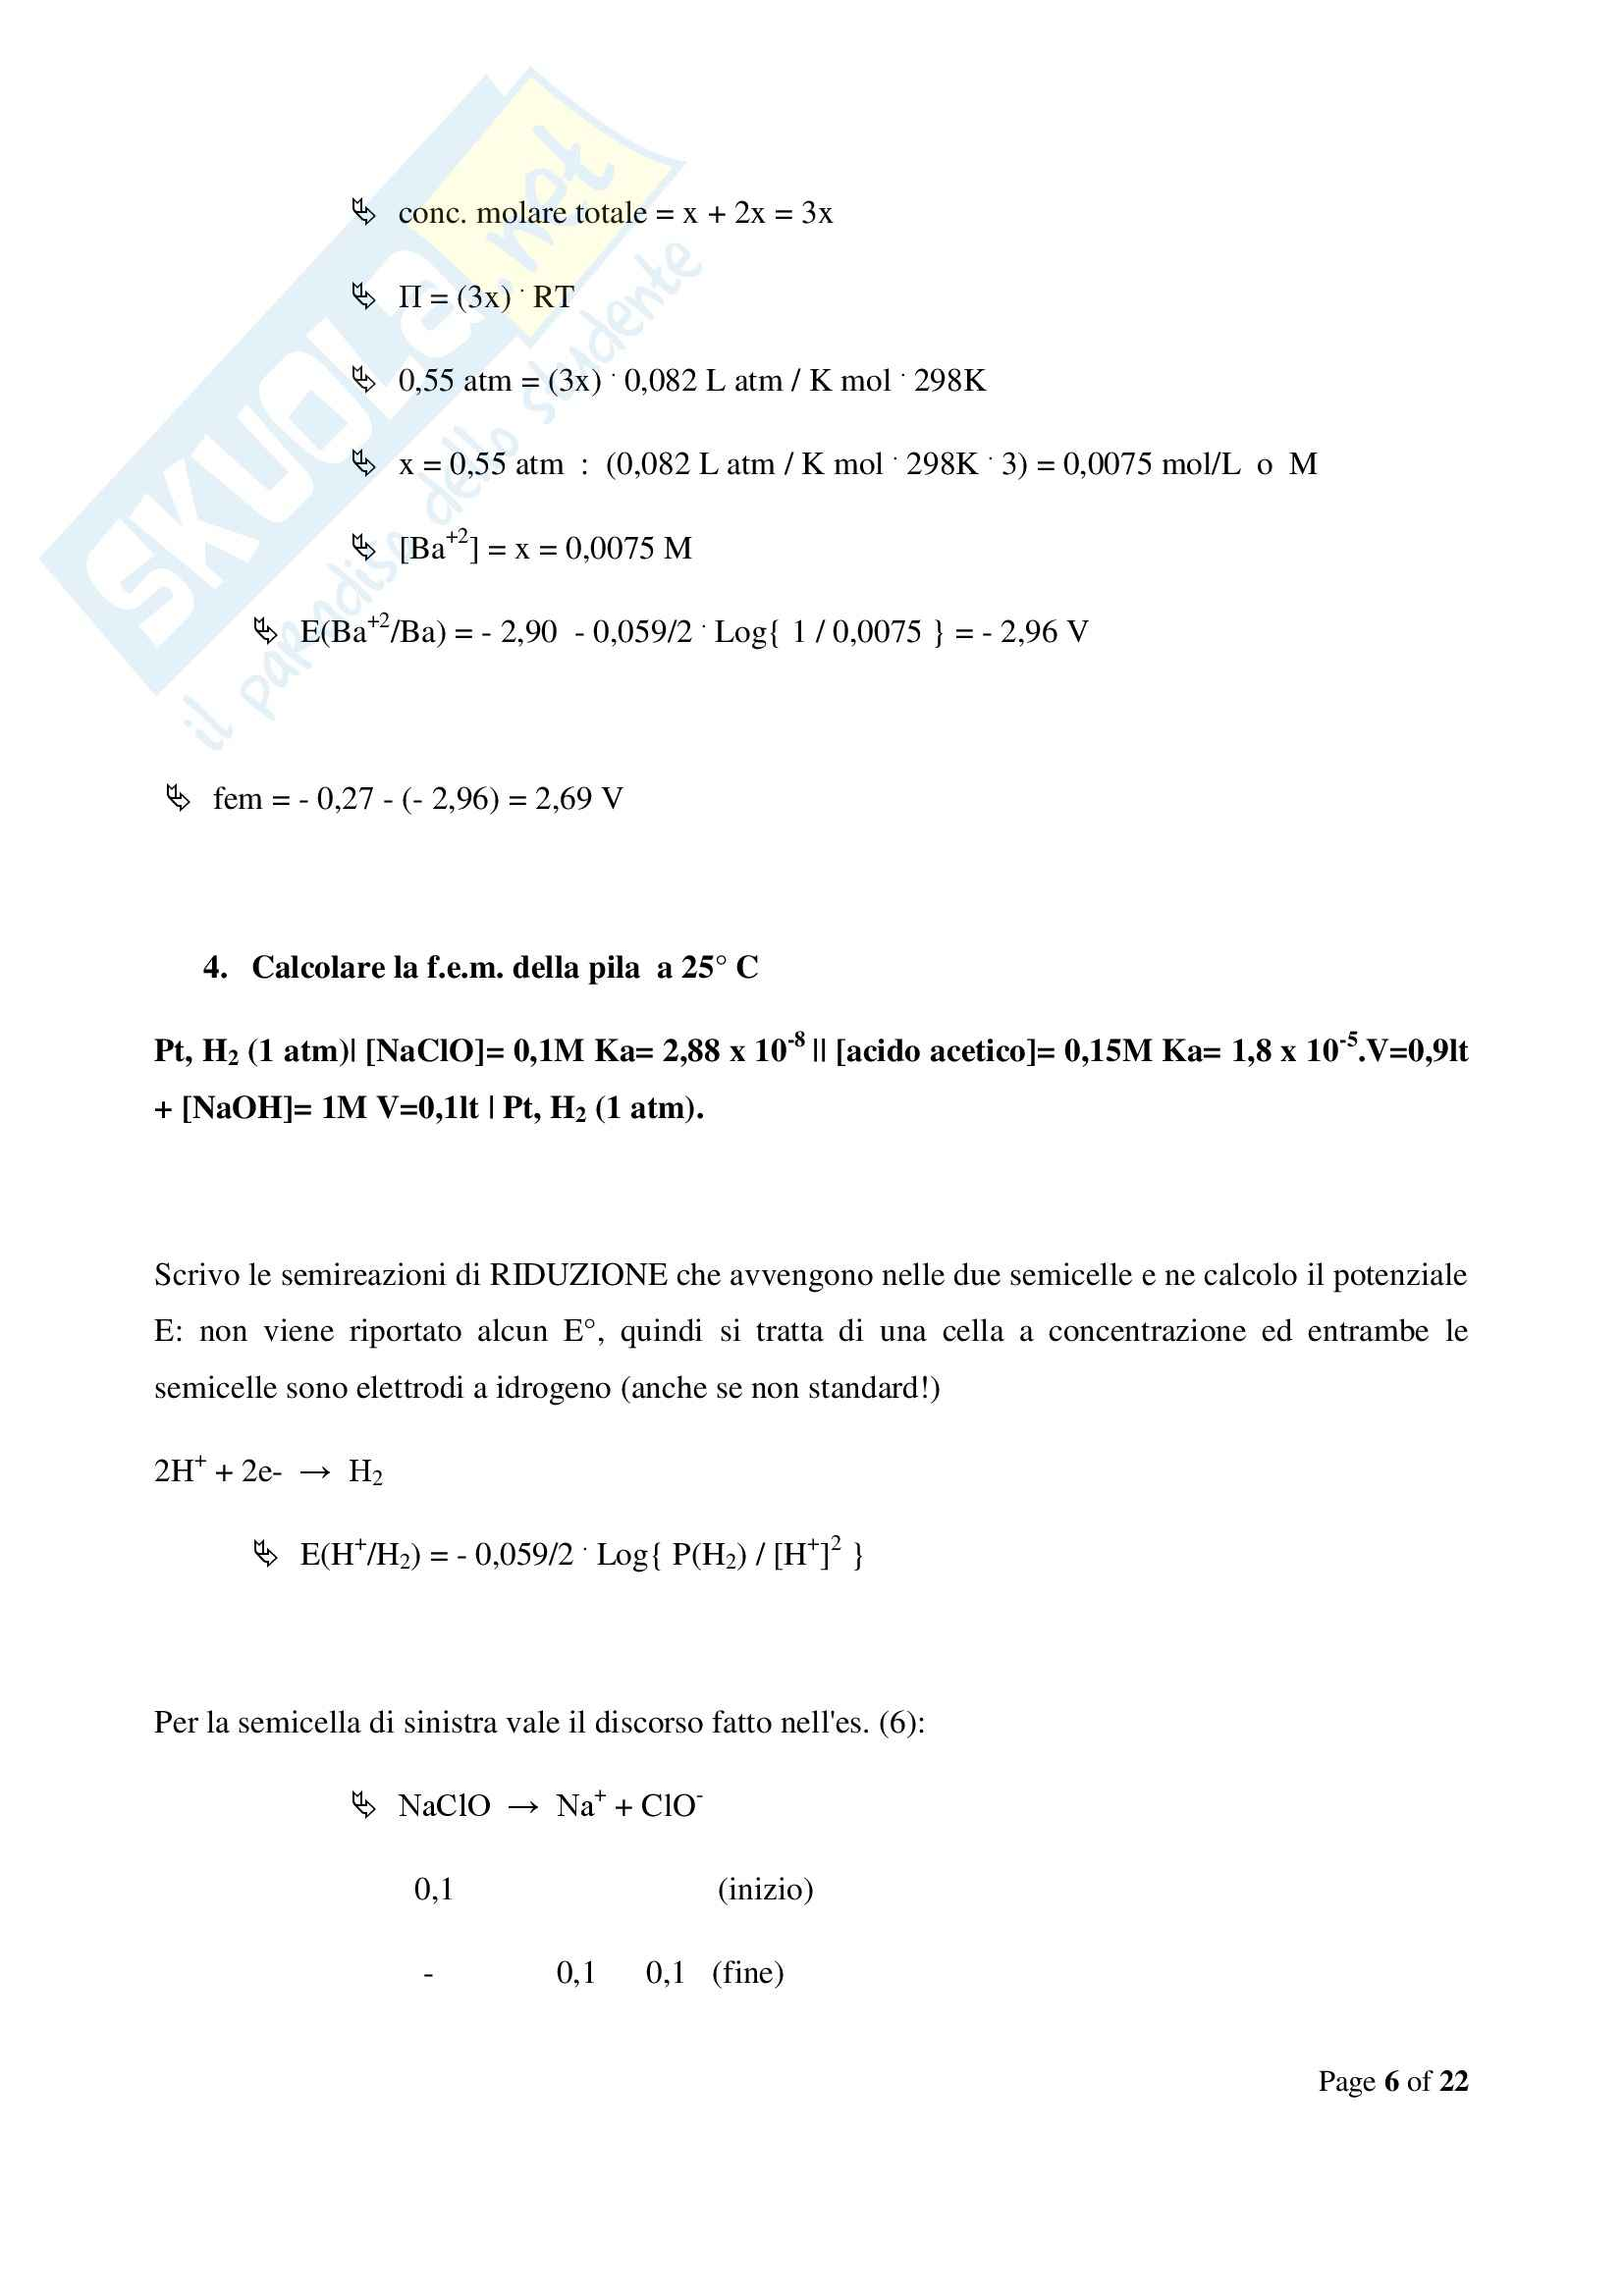 Chimica  e propedeutica biochimica - esercizi sulle pile Pag. 6